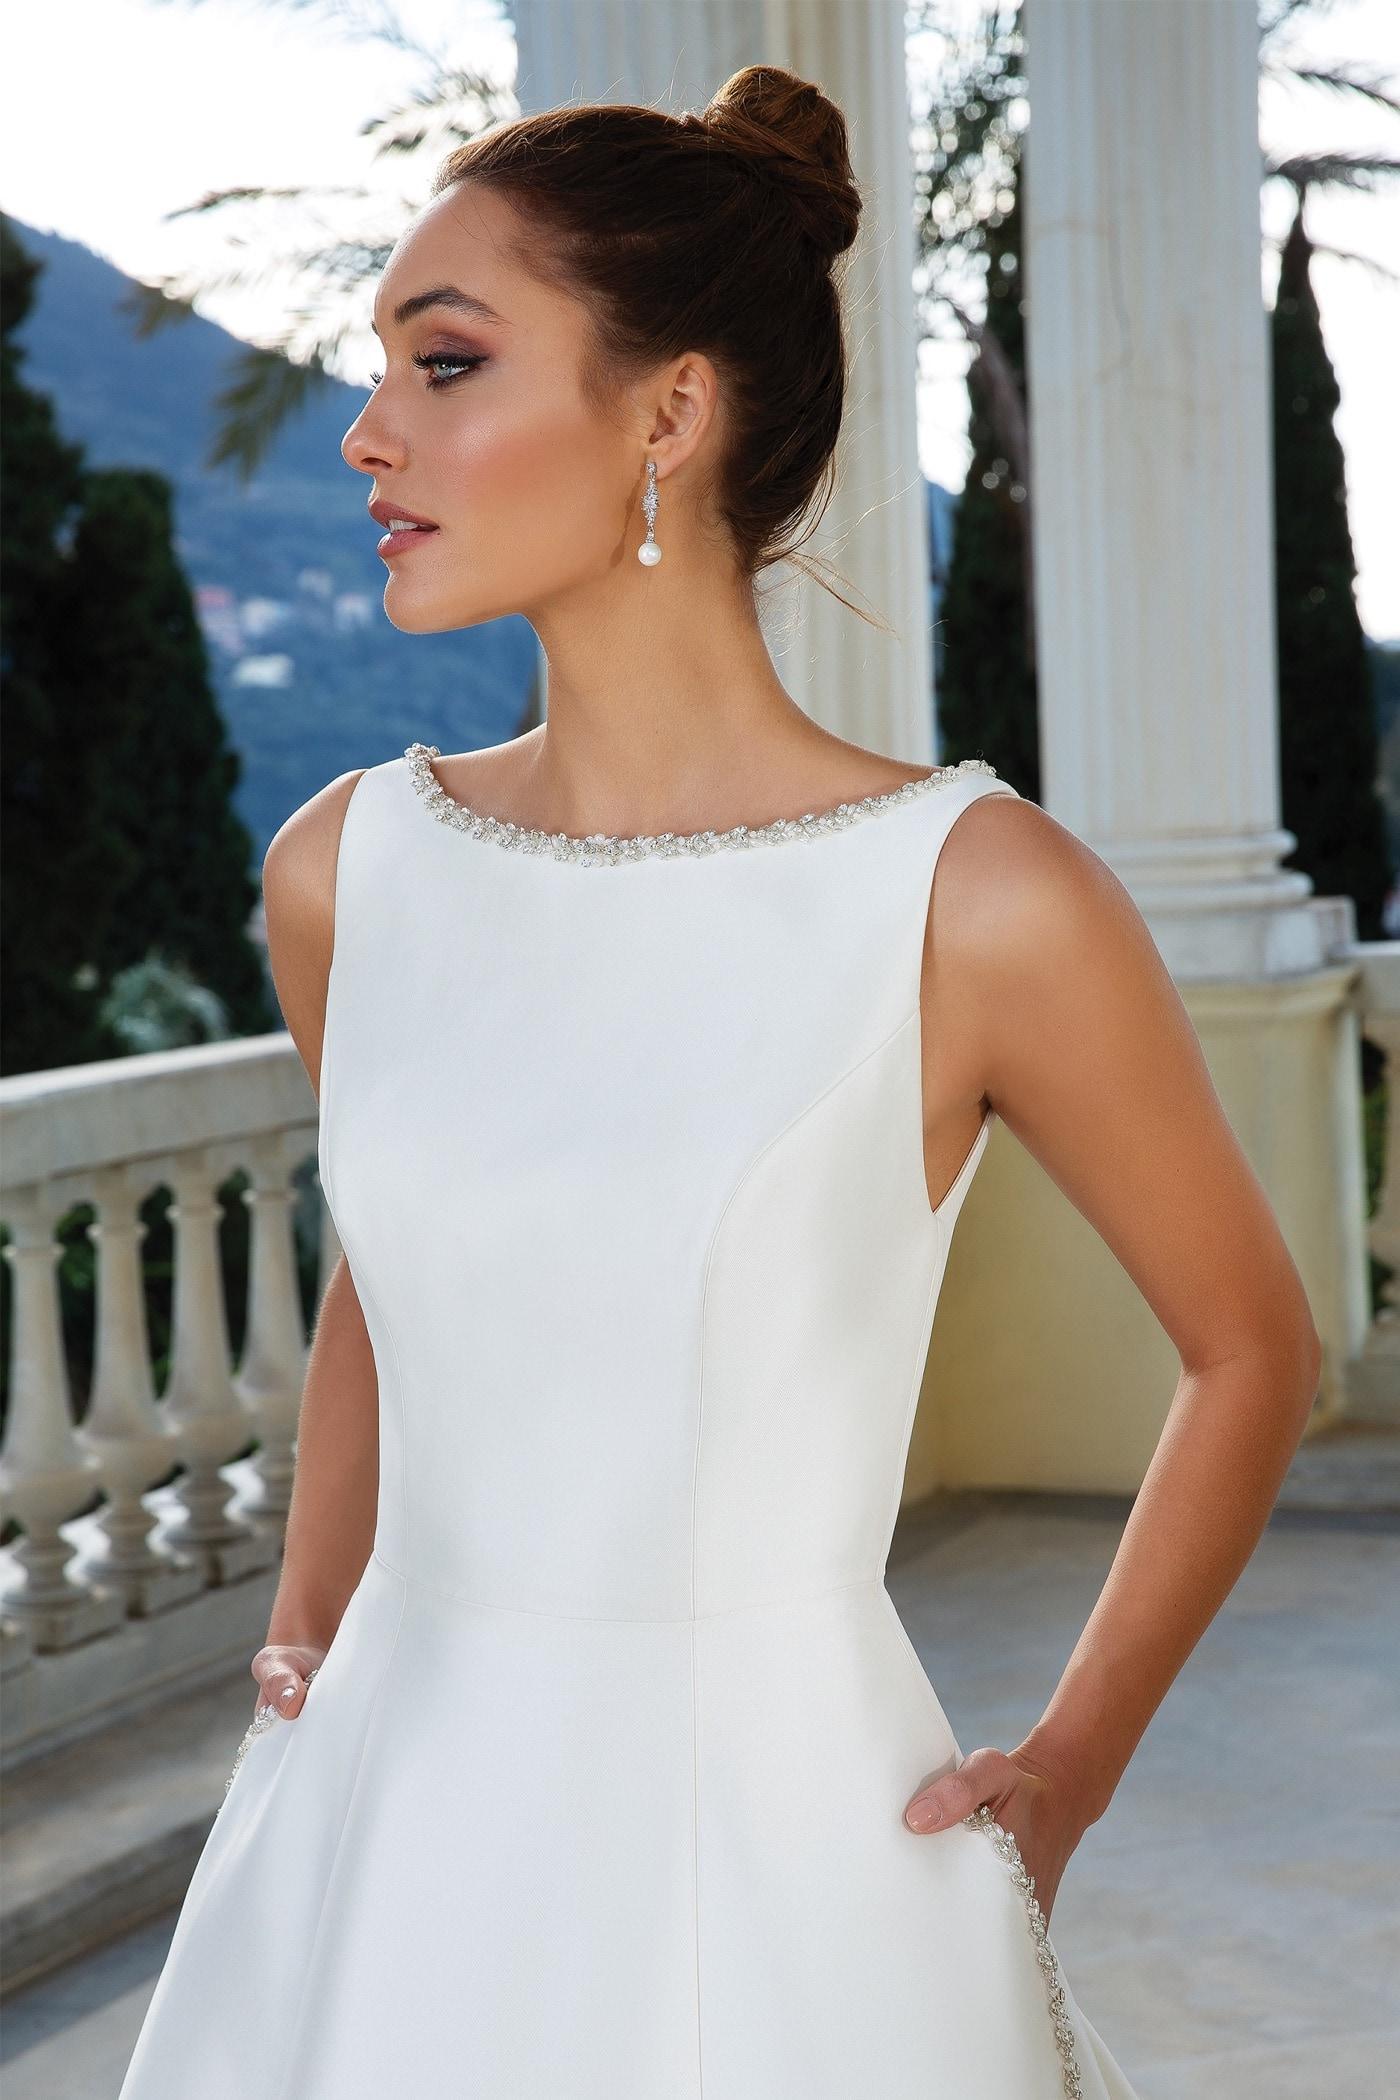 Brautkleid im Prinzess-Stil mit Rundhals-Ausschnitt, Taschen